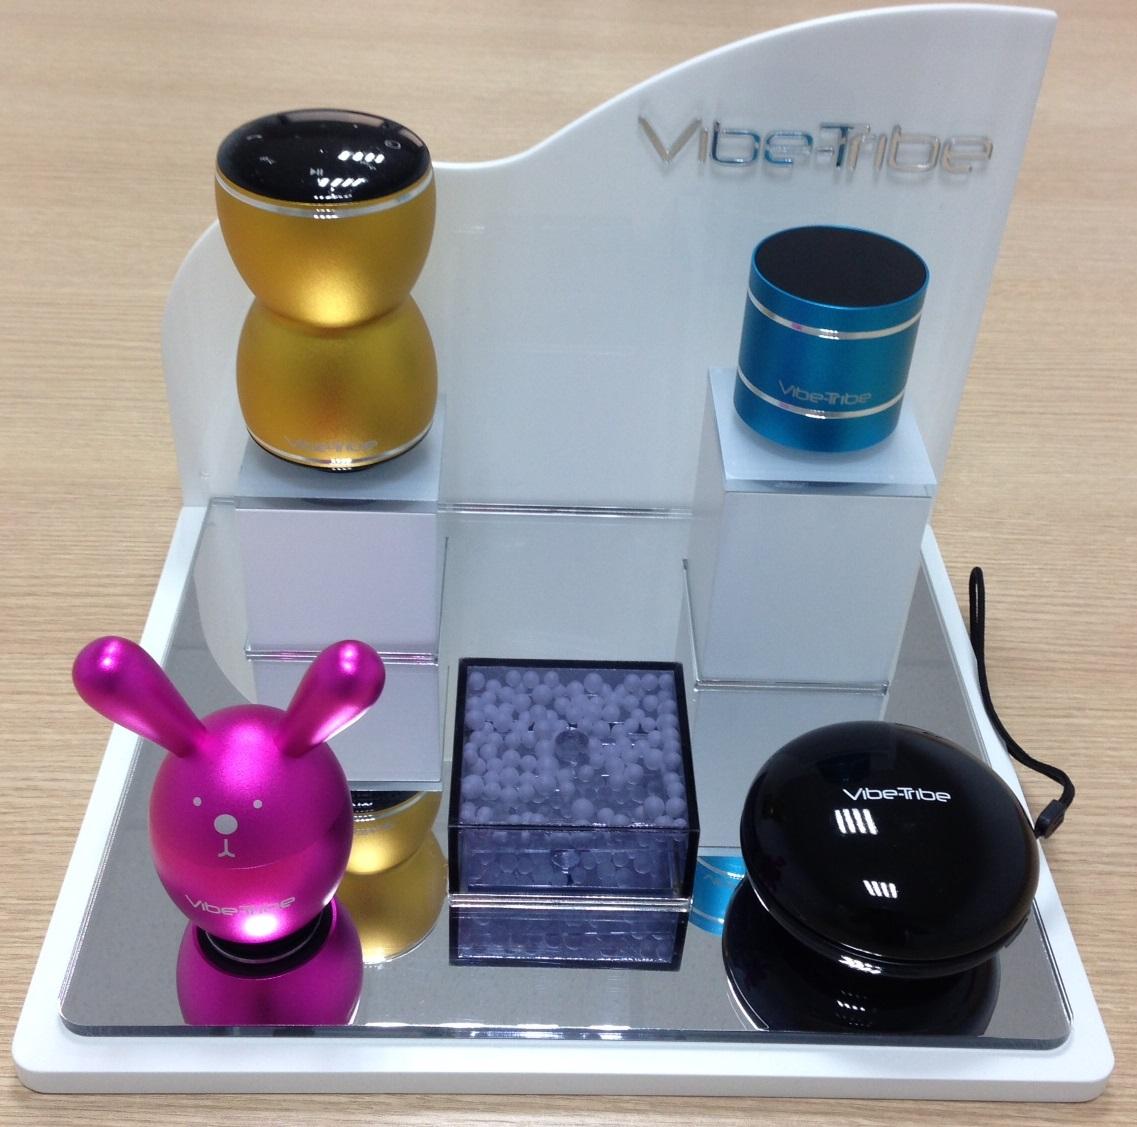 Vibe-Tribe Ninja Amethyst Głośnik wibracyjny RMS 3W (fioletowy)